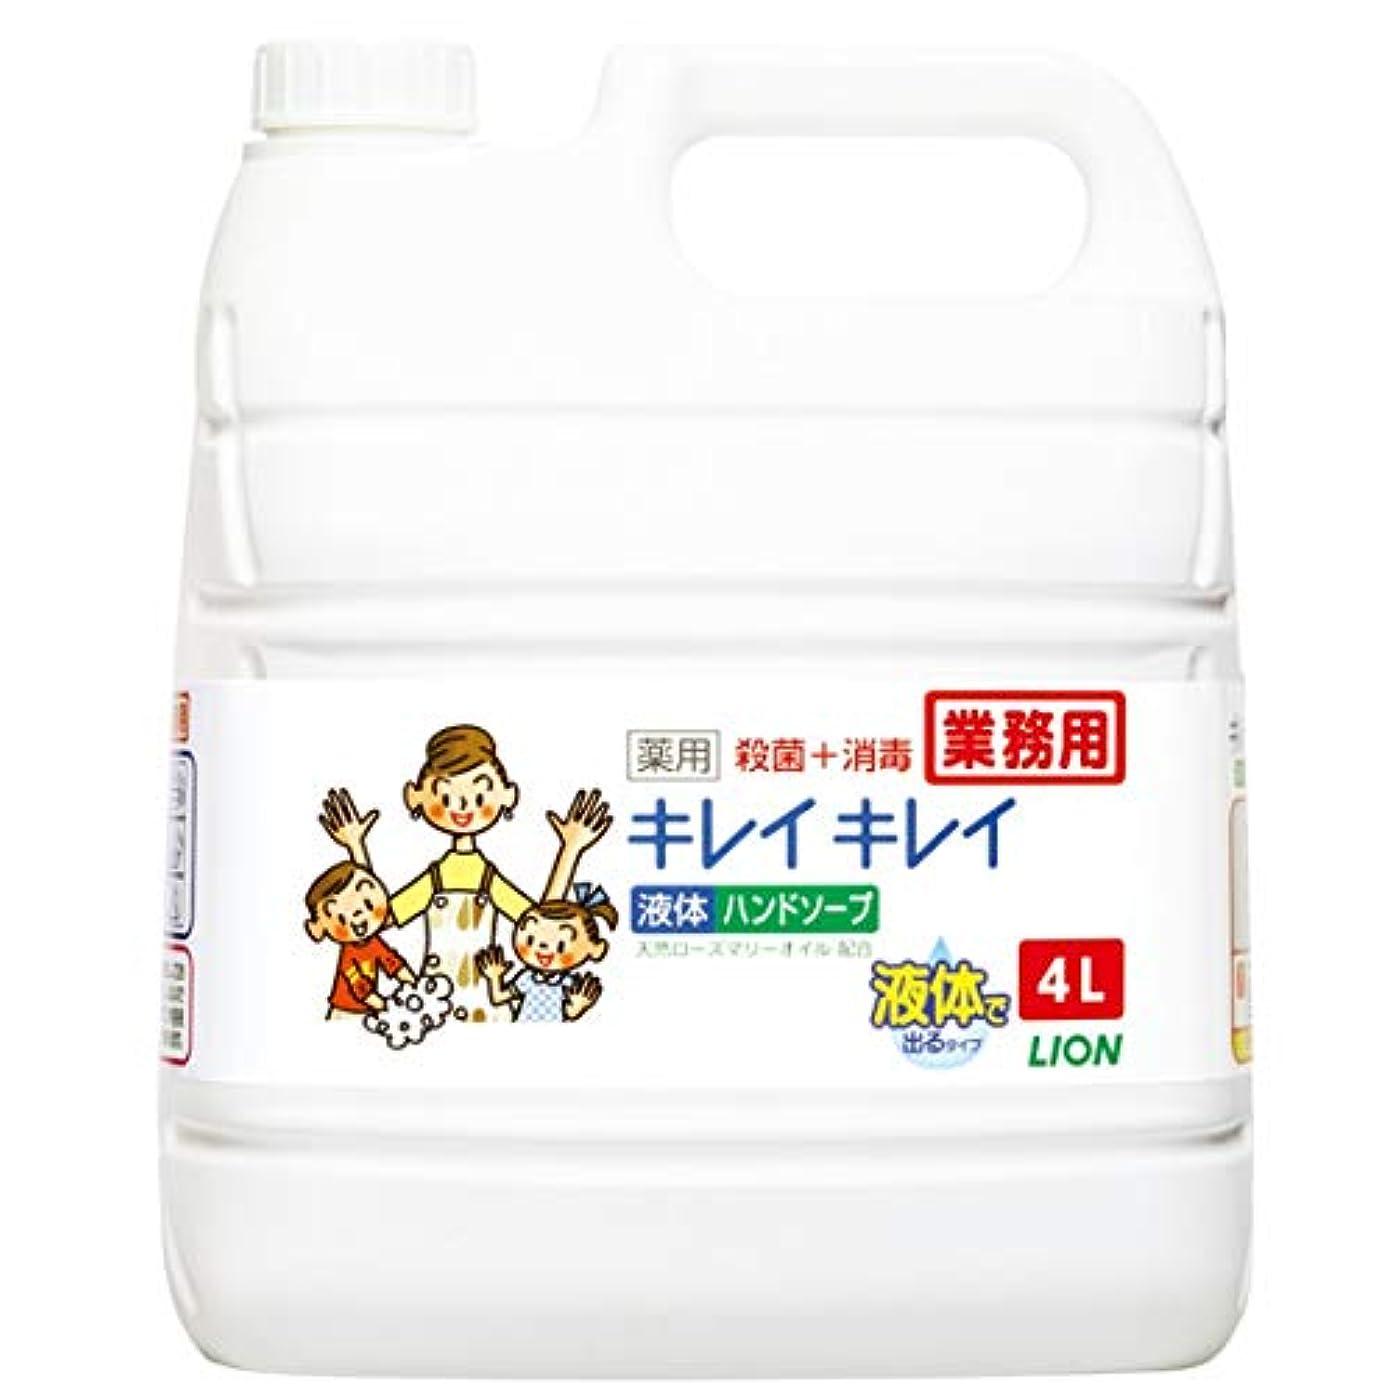 ポジションパウダー上がる【業務用 大容量】キレイキレイ 薬用 ハンドソープ  4L(医薬部外品)